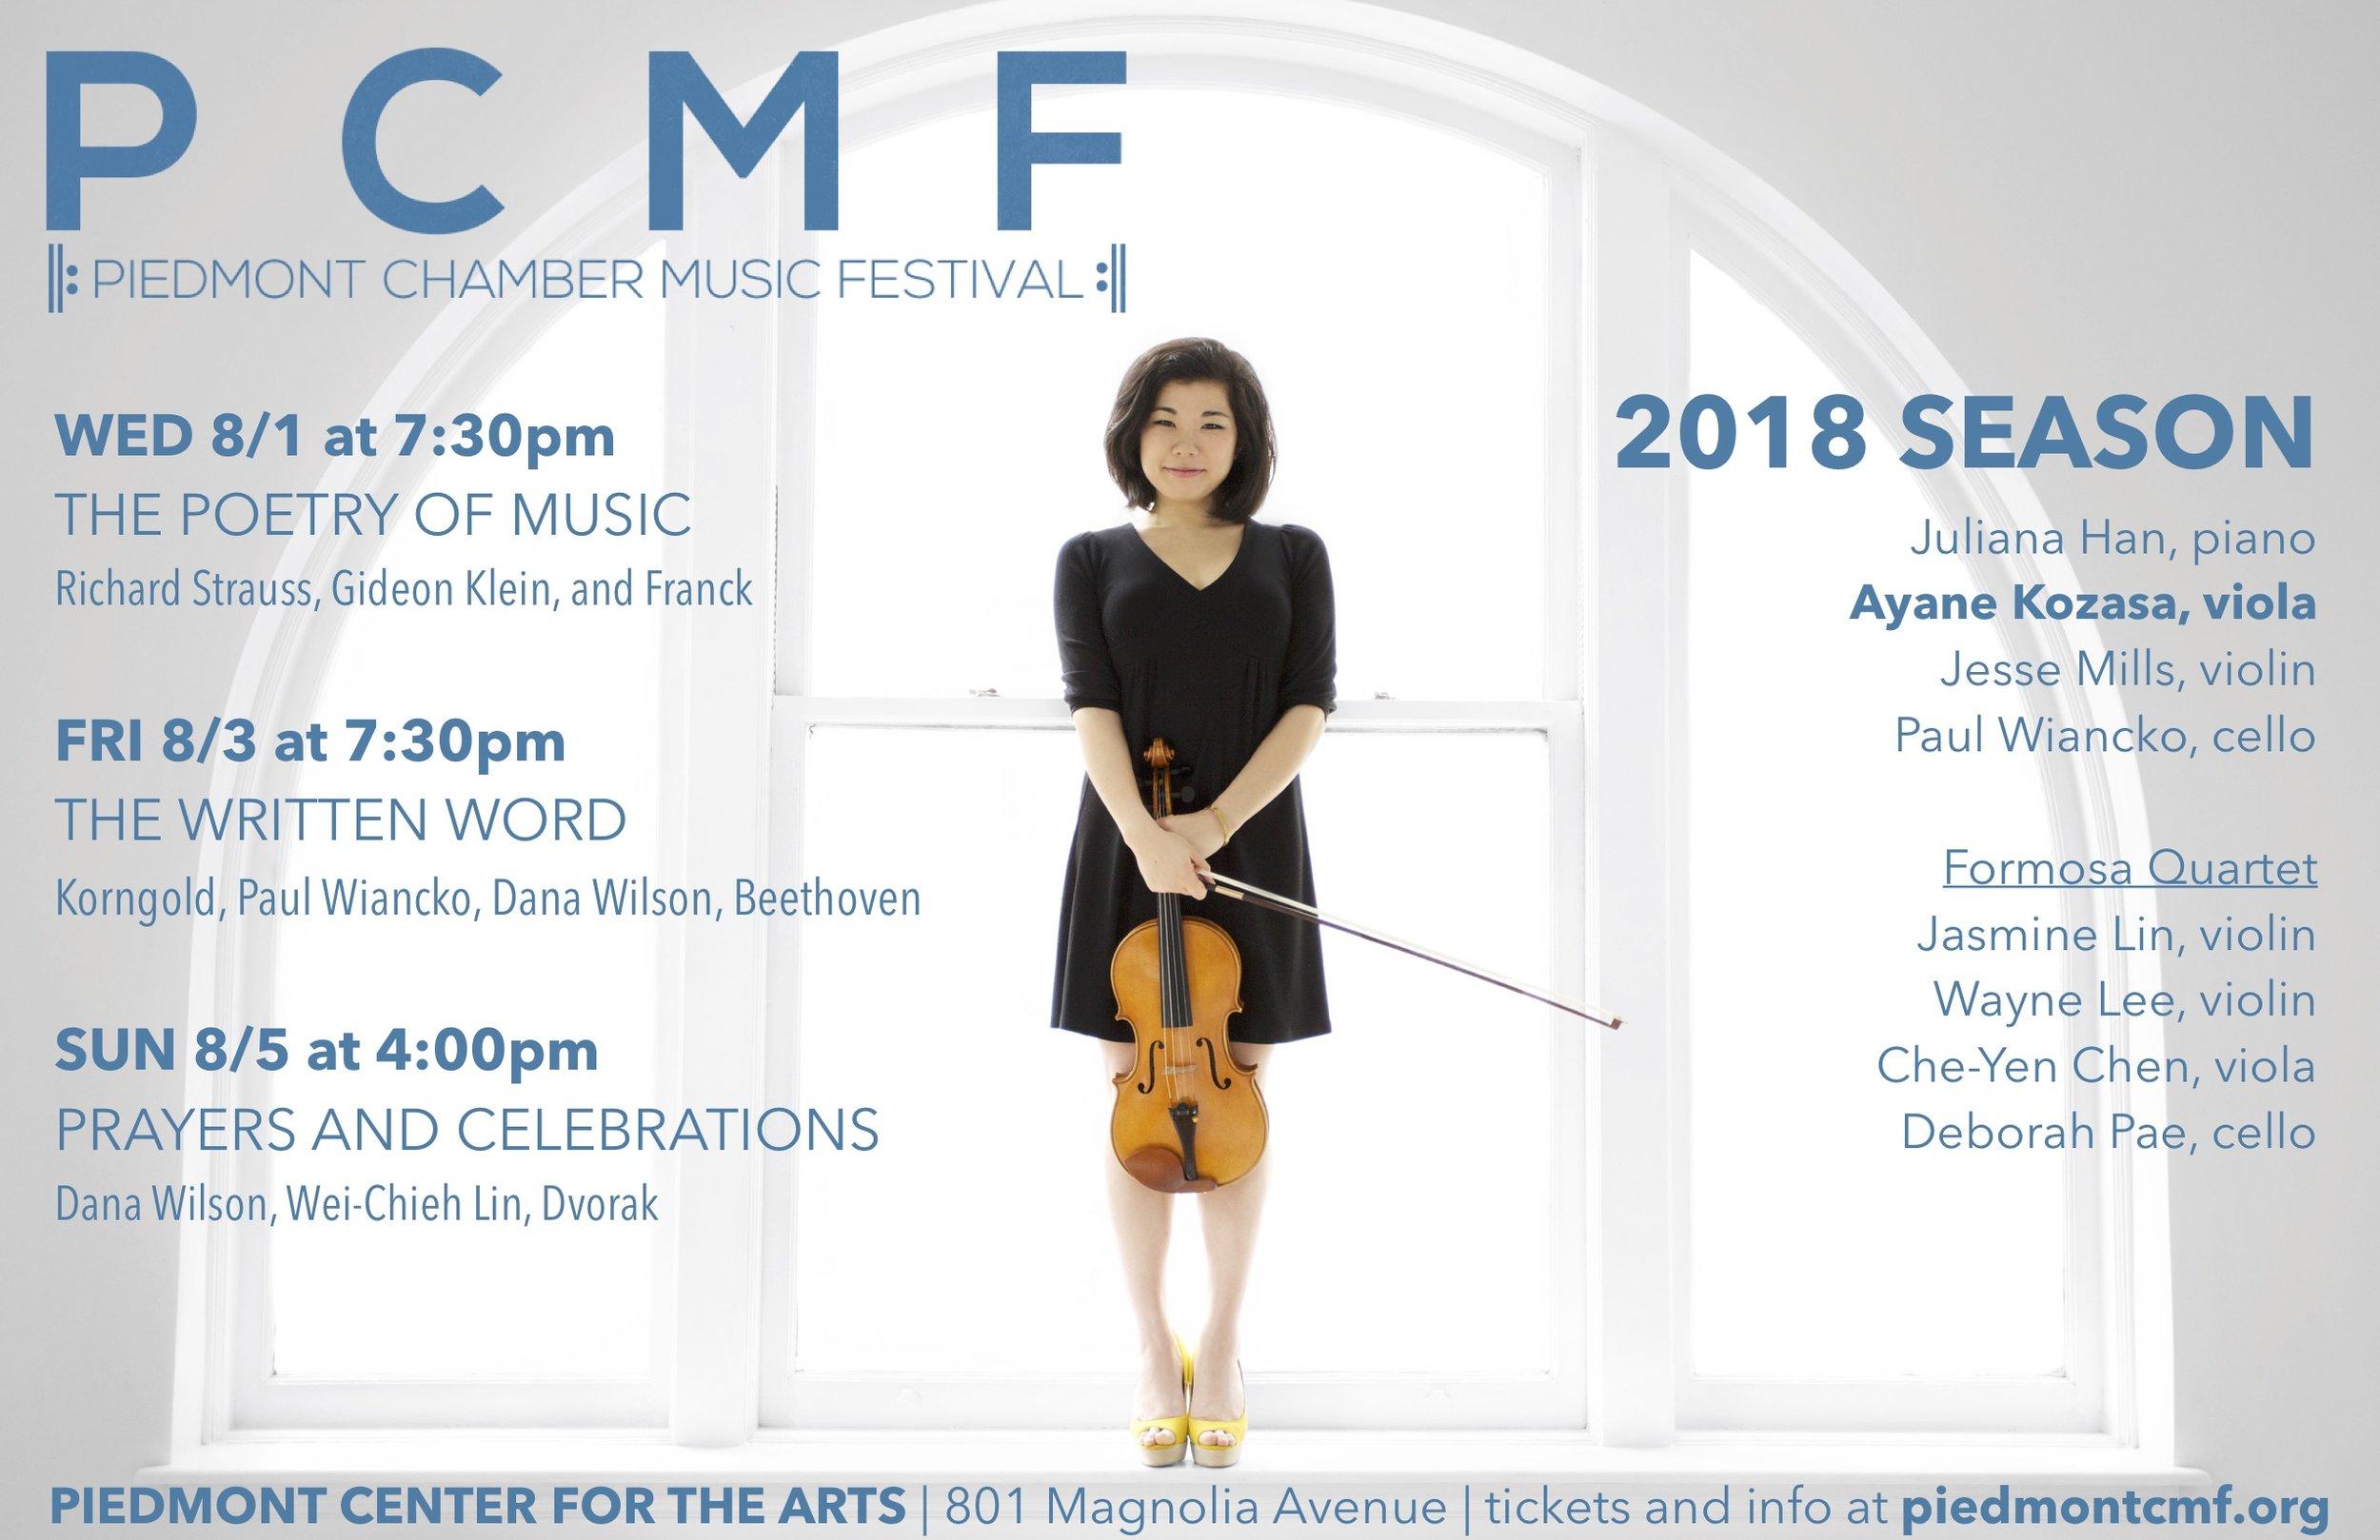 PCMF18 poster 1 (11x17).jpg